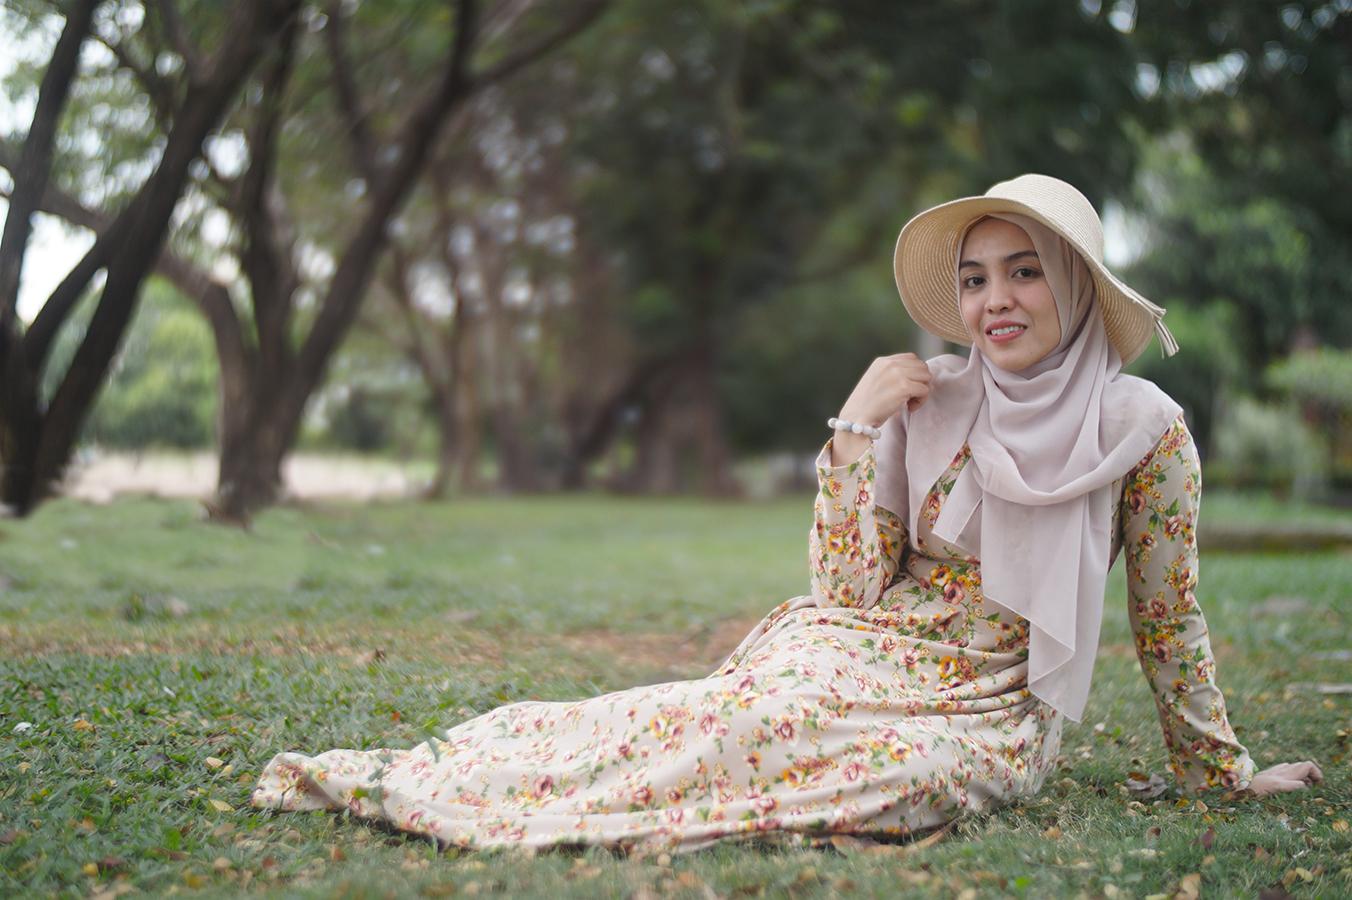 Cewek Hijab manis hunting model di Pantai Akkarena